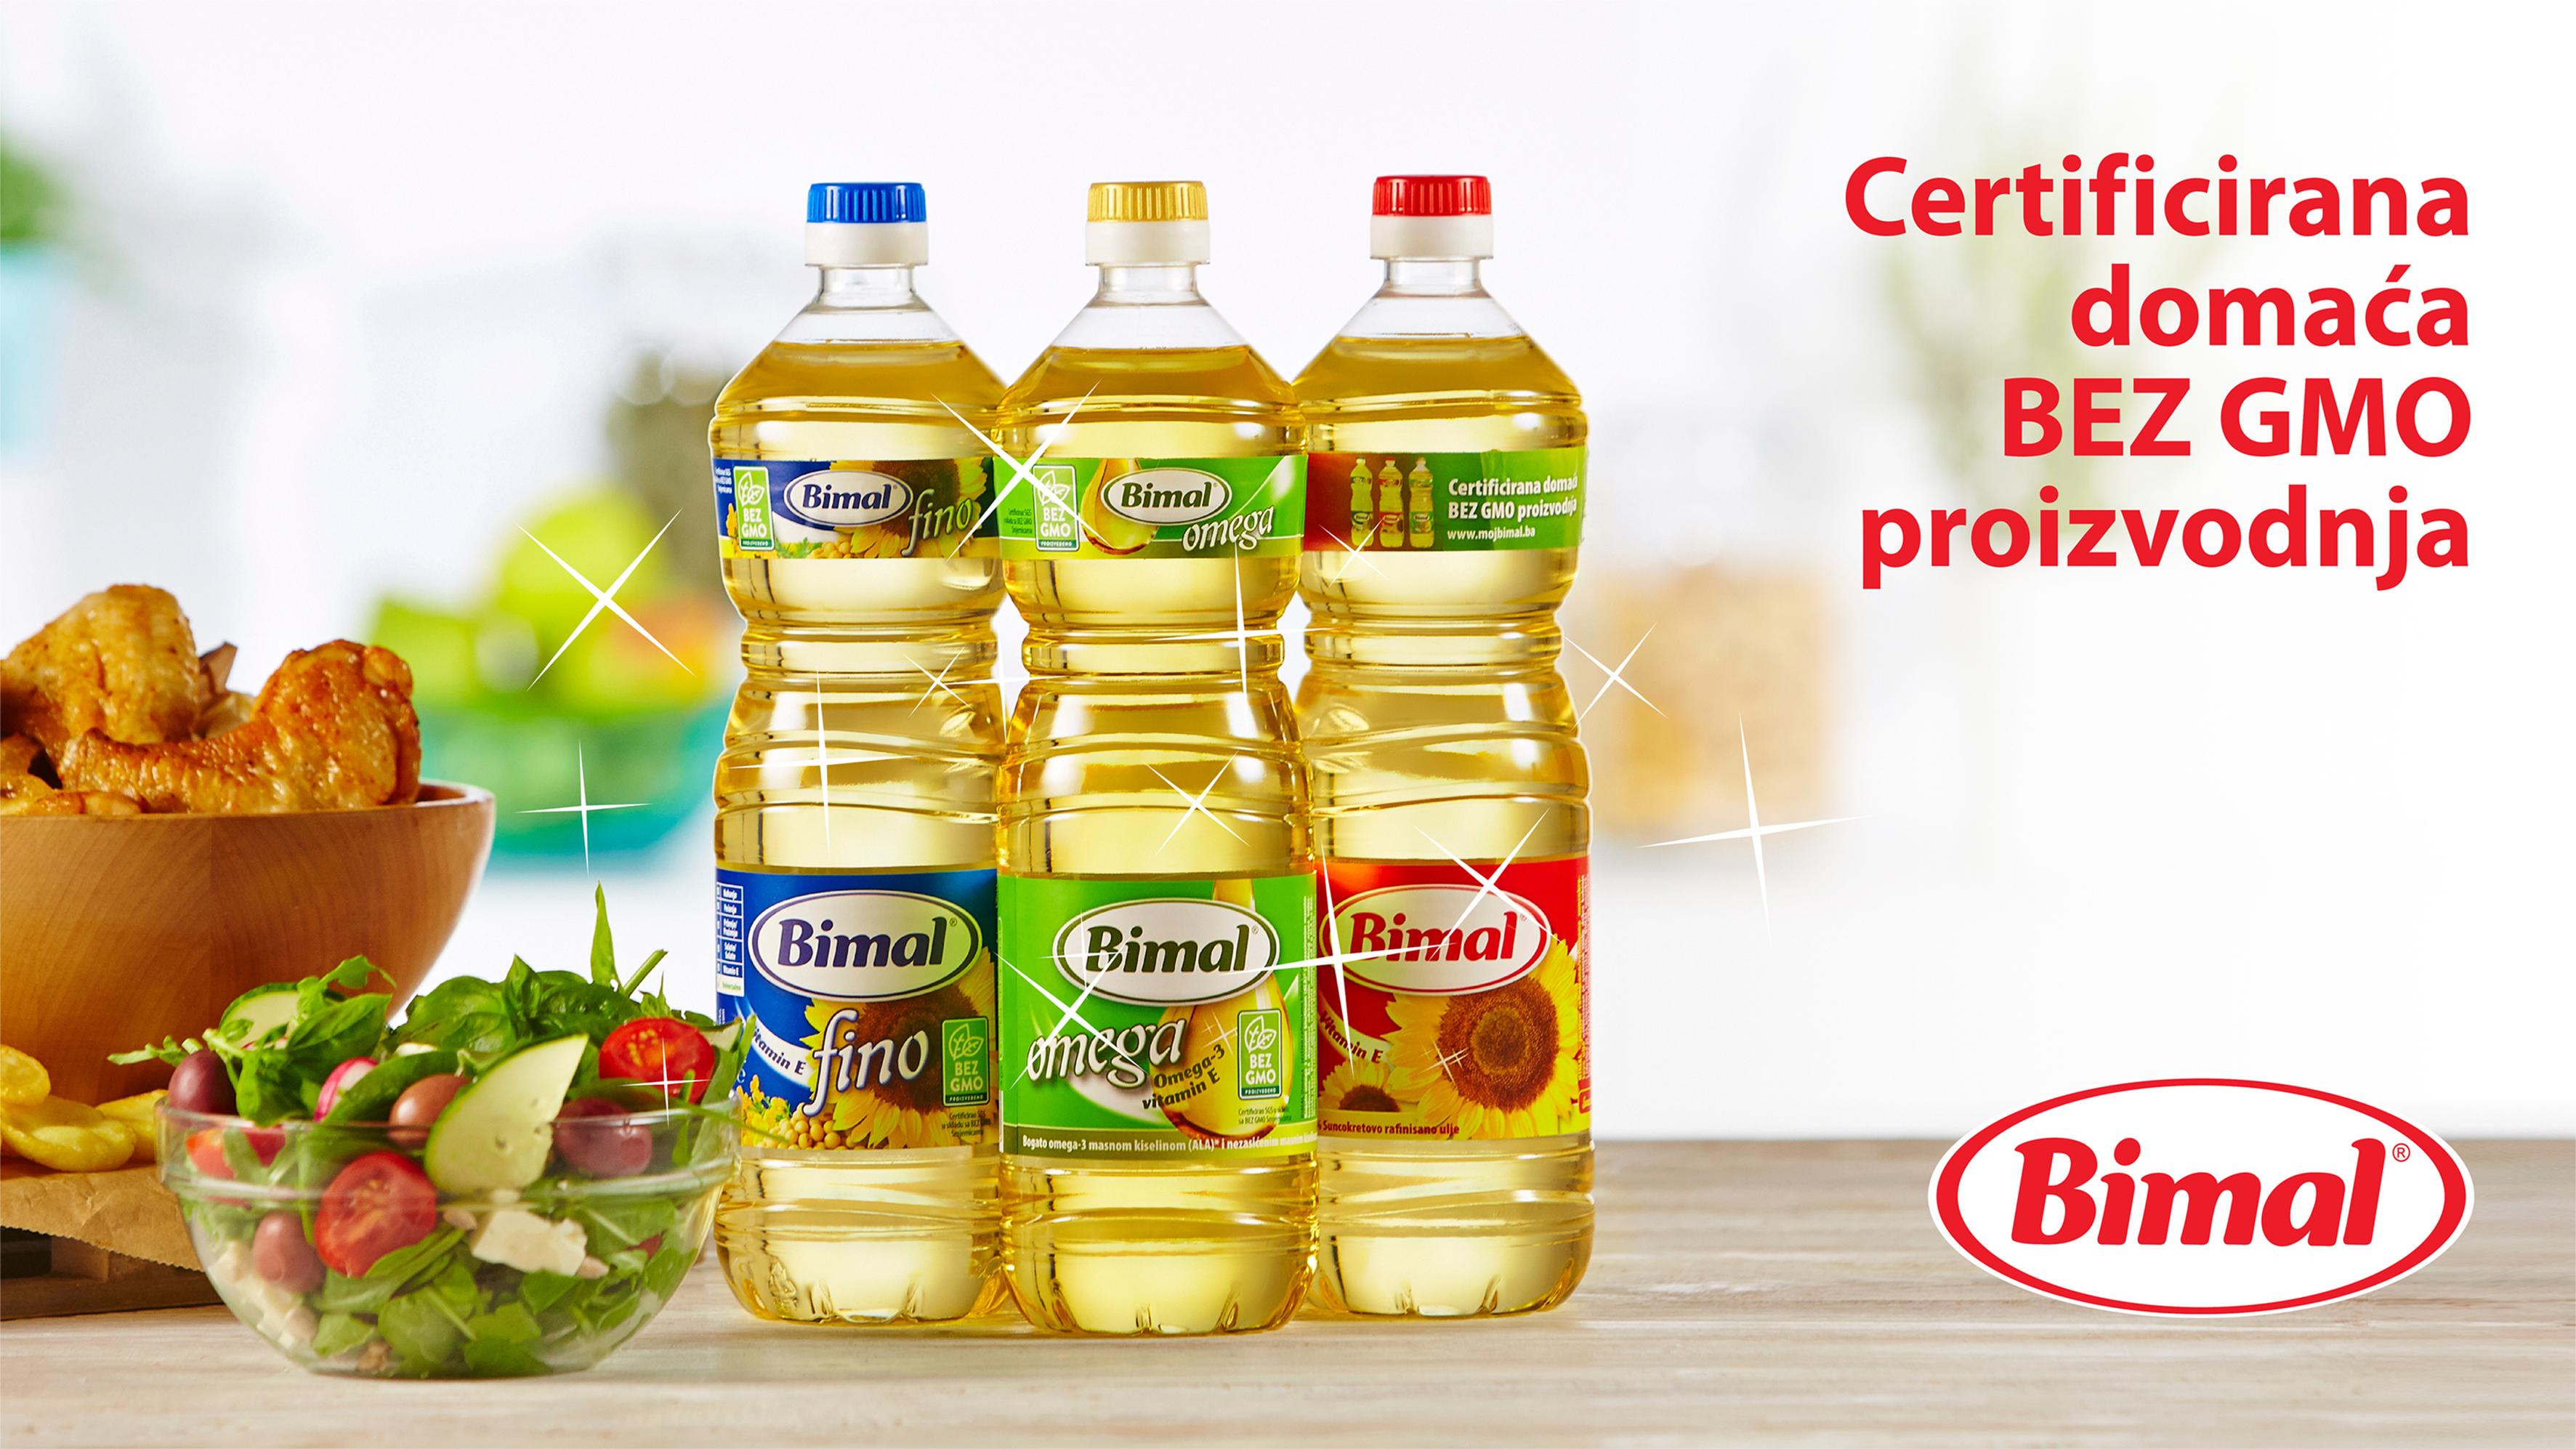 BIMAL proizvodi garantovano BEZ GMO